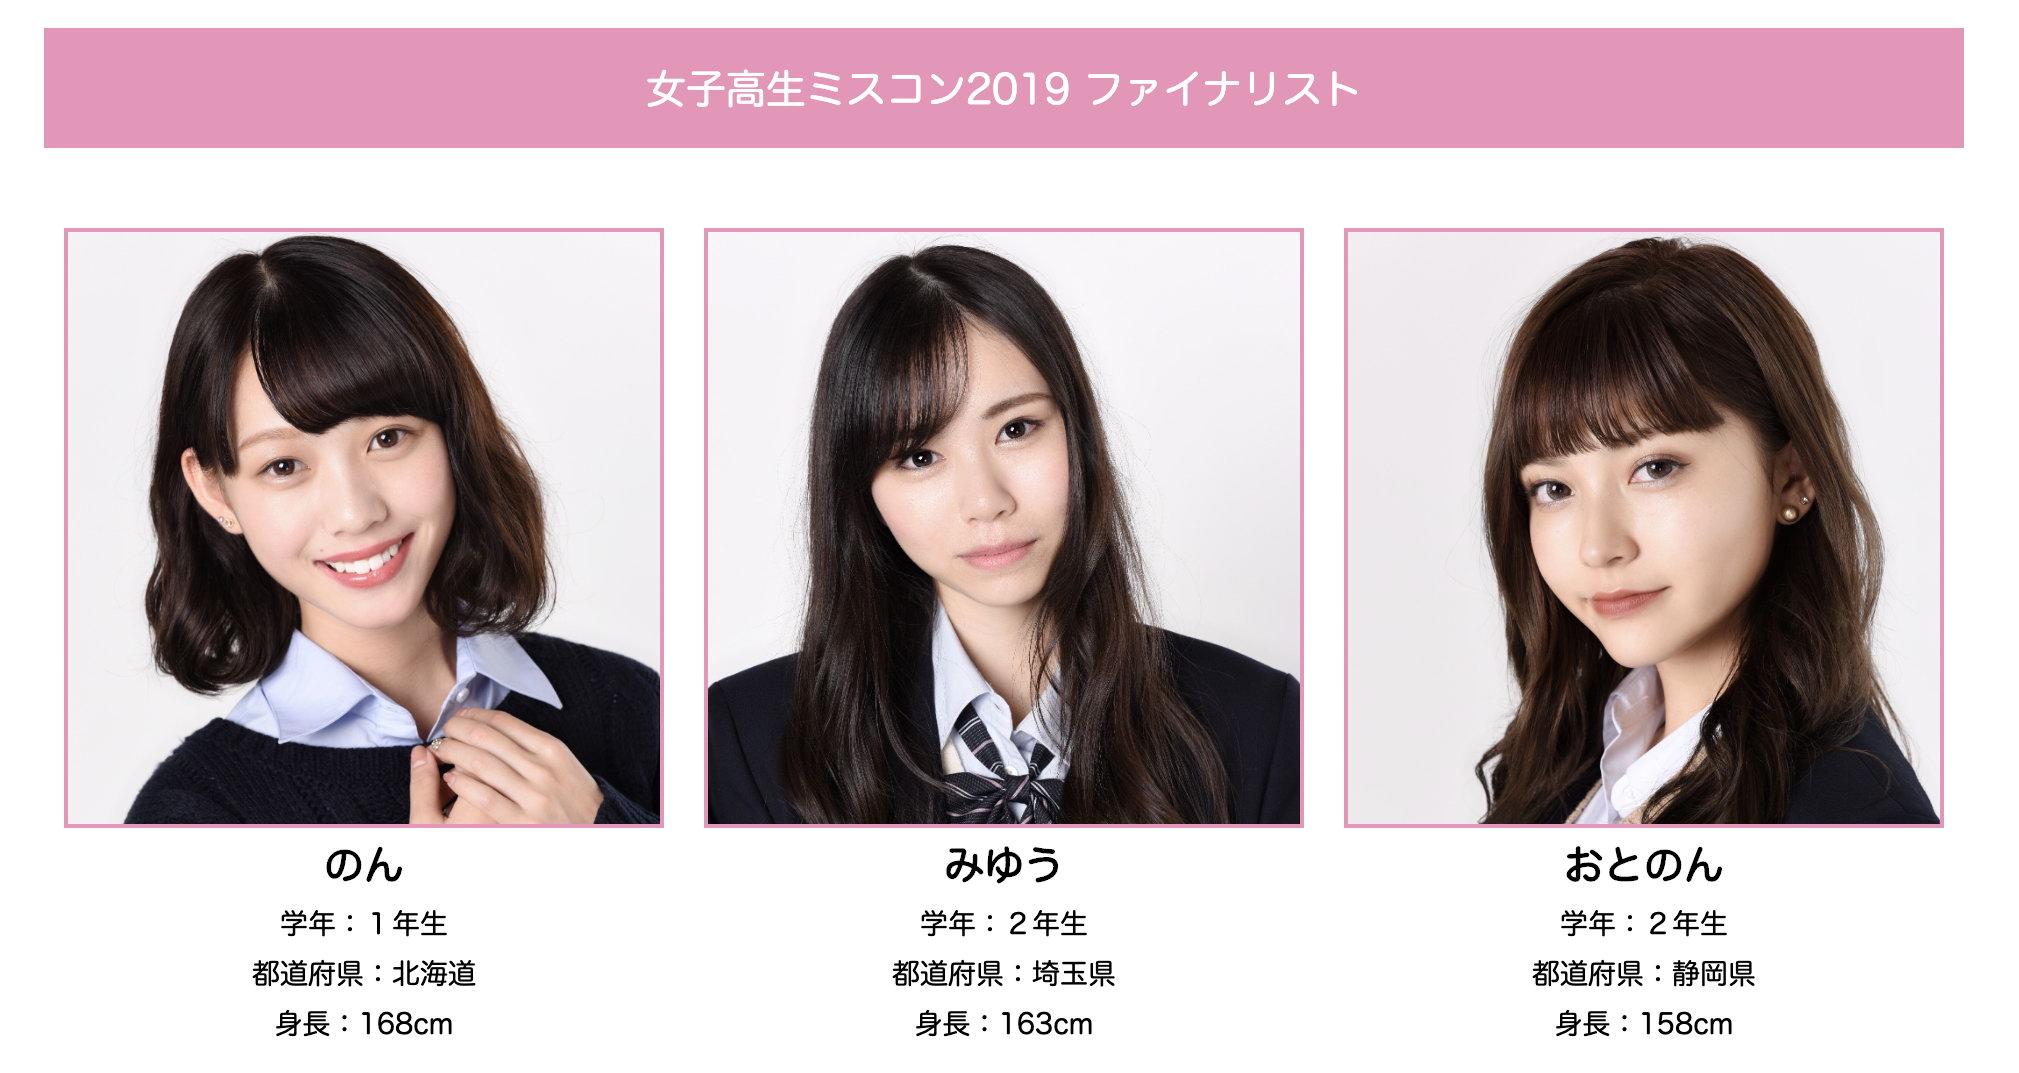 日本美少女奪《英雄聯盟》高中聯賽冠軍 網友熱捧